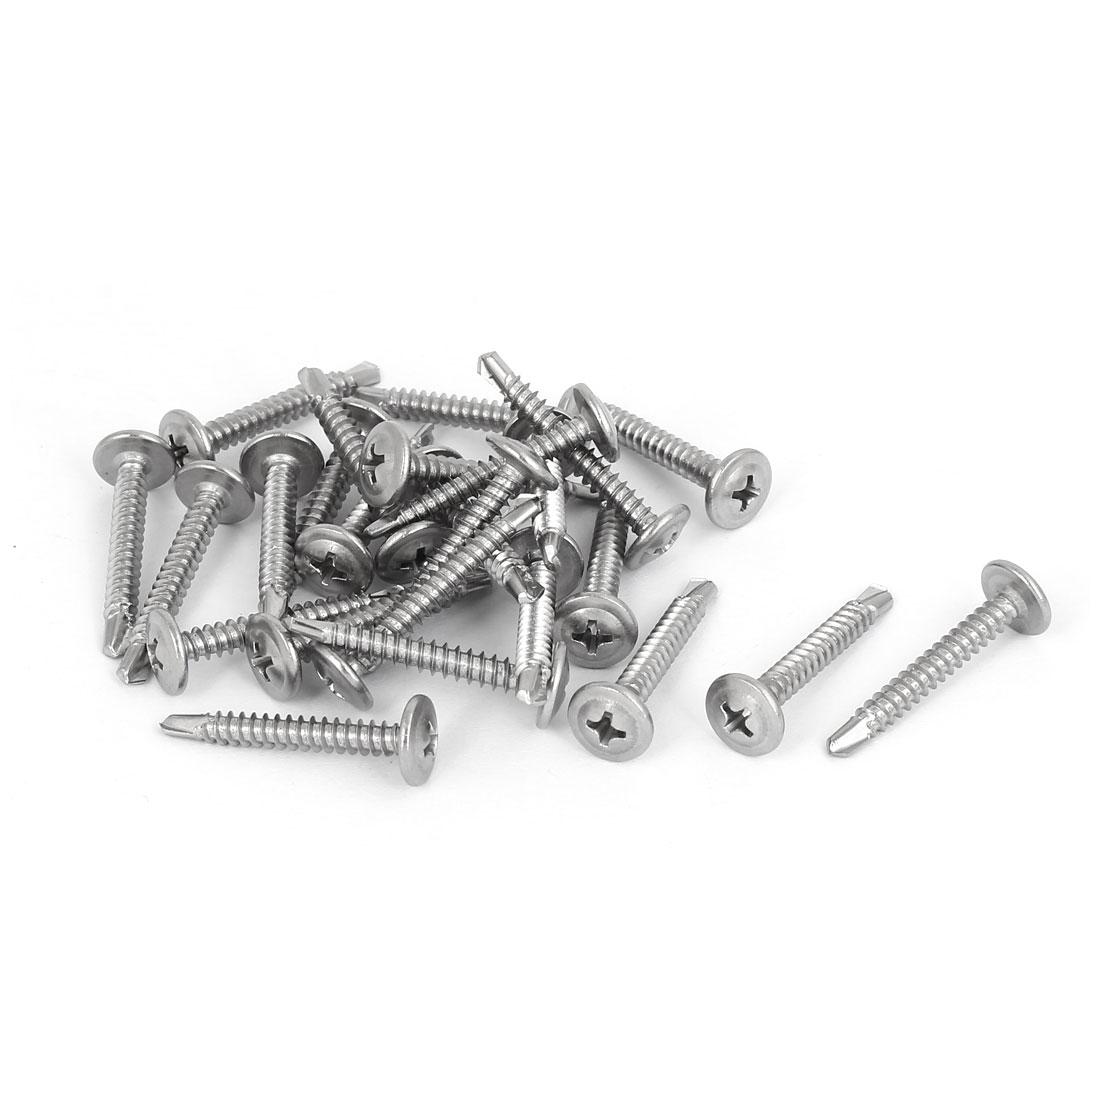 M4.2 x 32mm Thread Metal Round Phillips Head Self Drilling Screws 25 Pcs